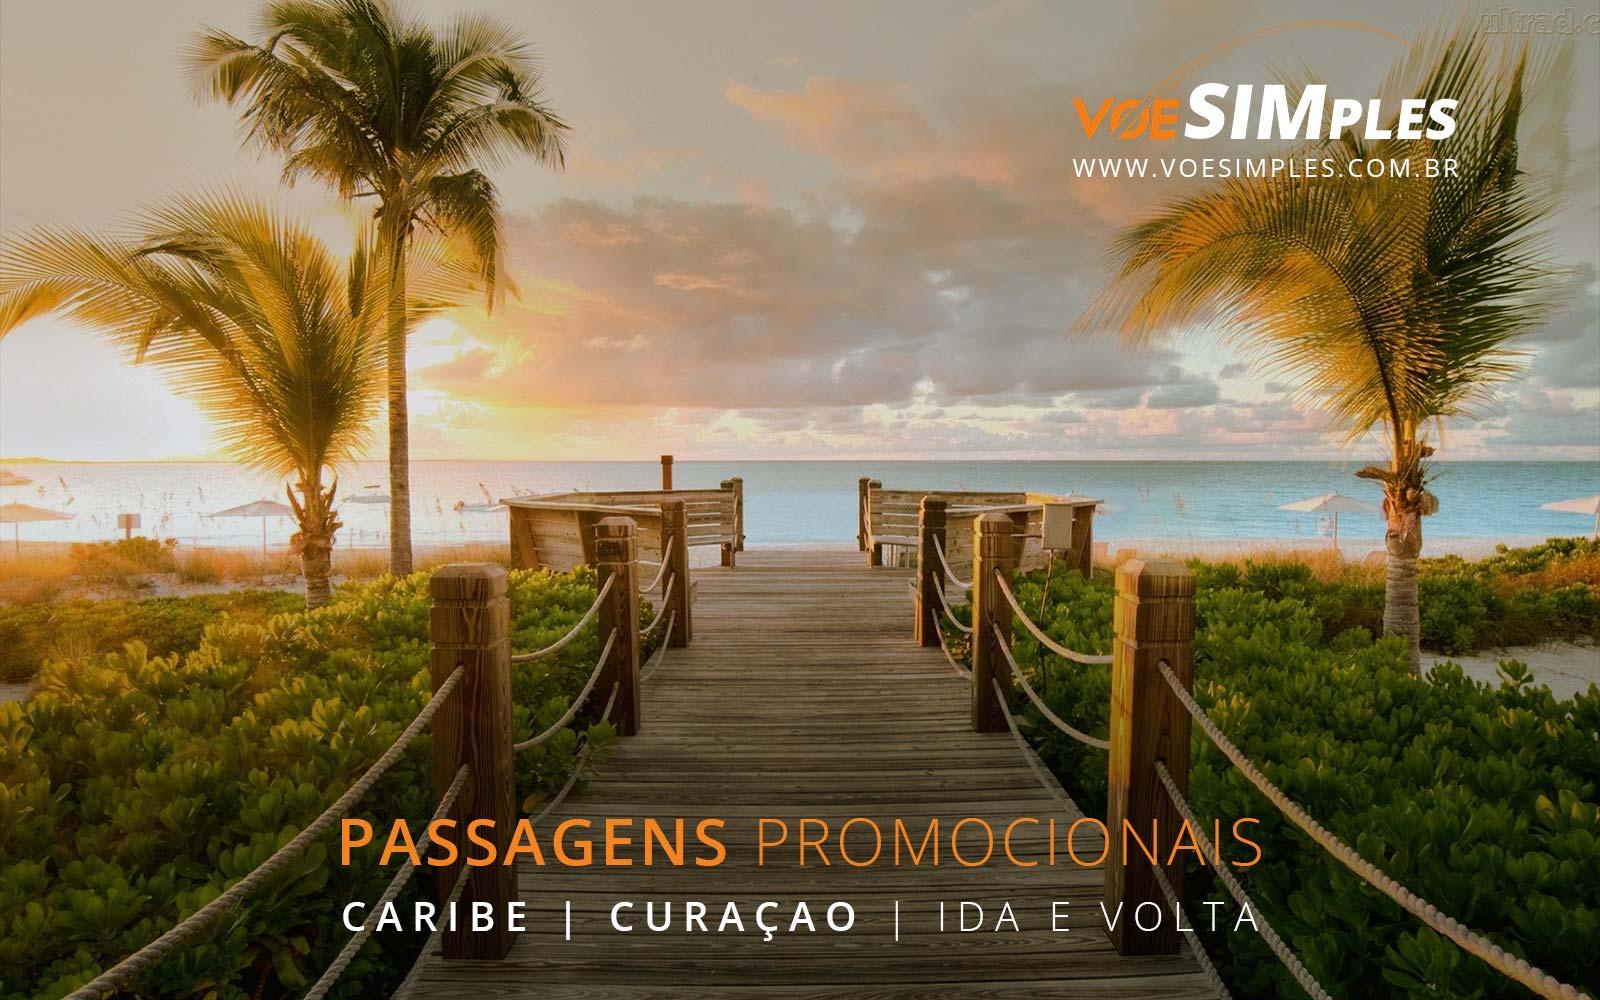 Promoção de passagens aéreas para Curaçao no Caribe